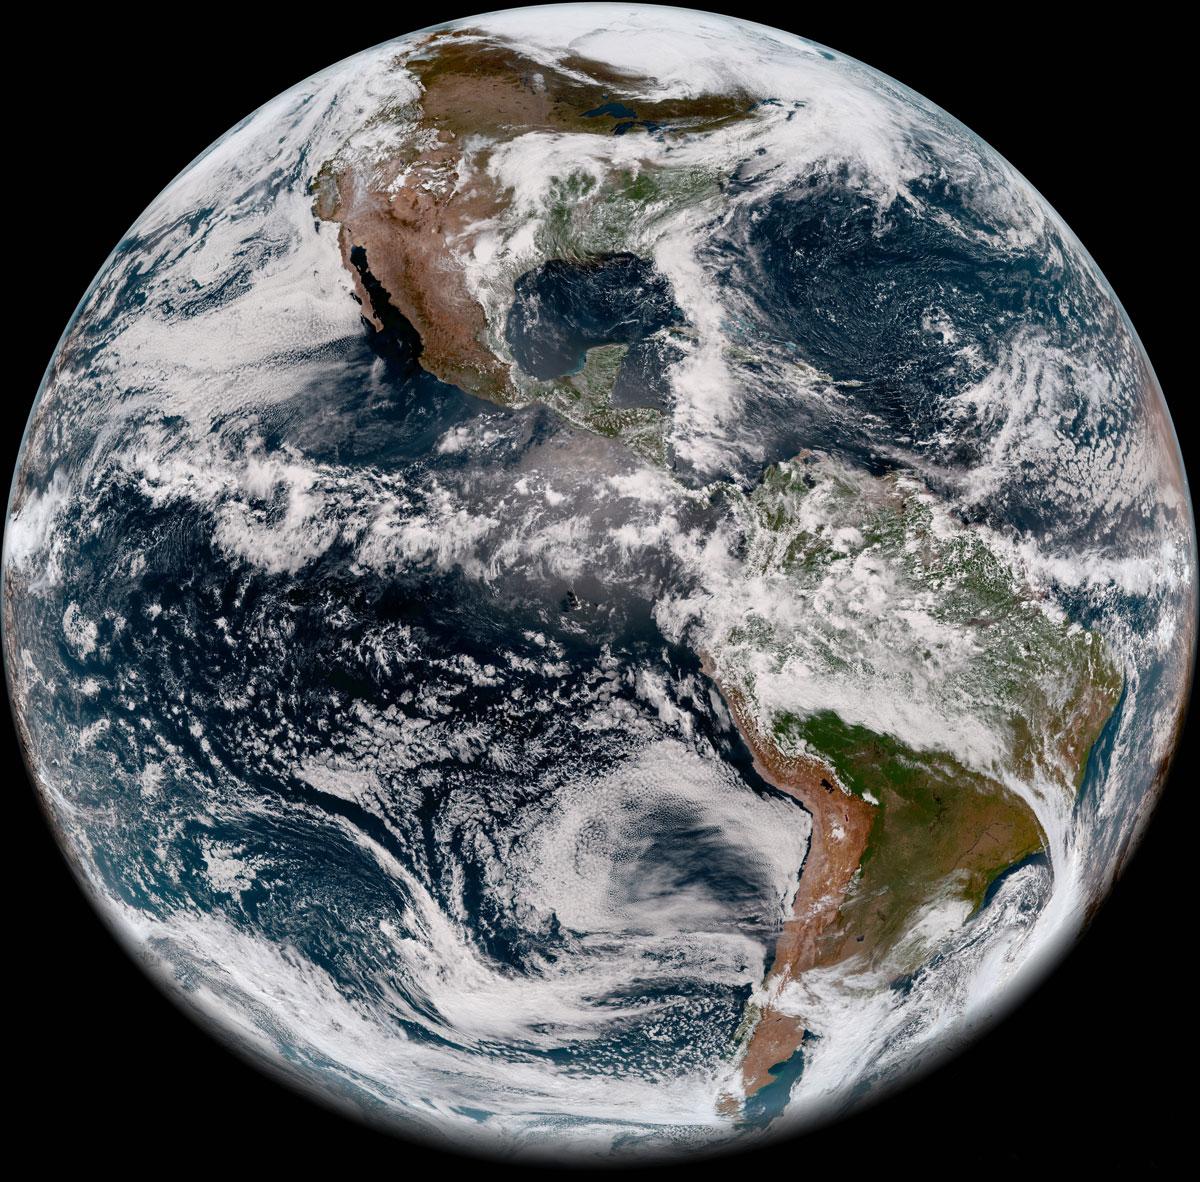 full disk image of earths western hemisphere taken may 20 2018 2 Full Disk Image of Earths Western Hemisphere Taken May 20, 2018